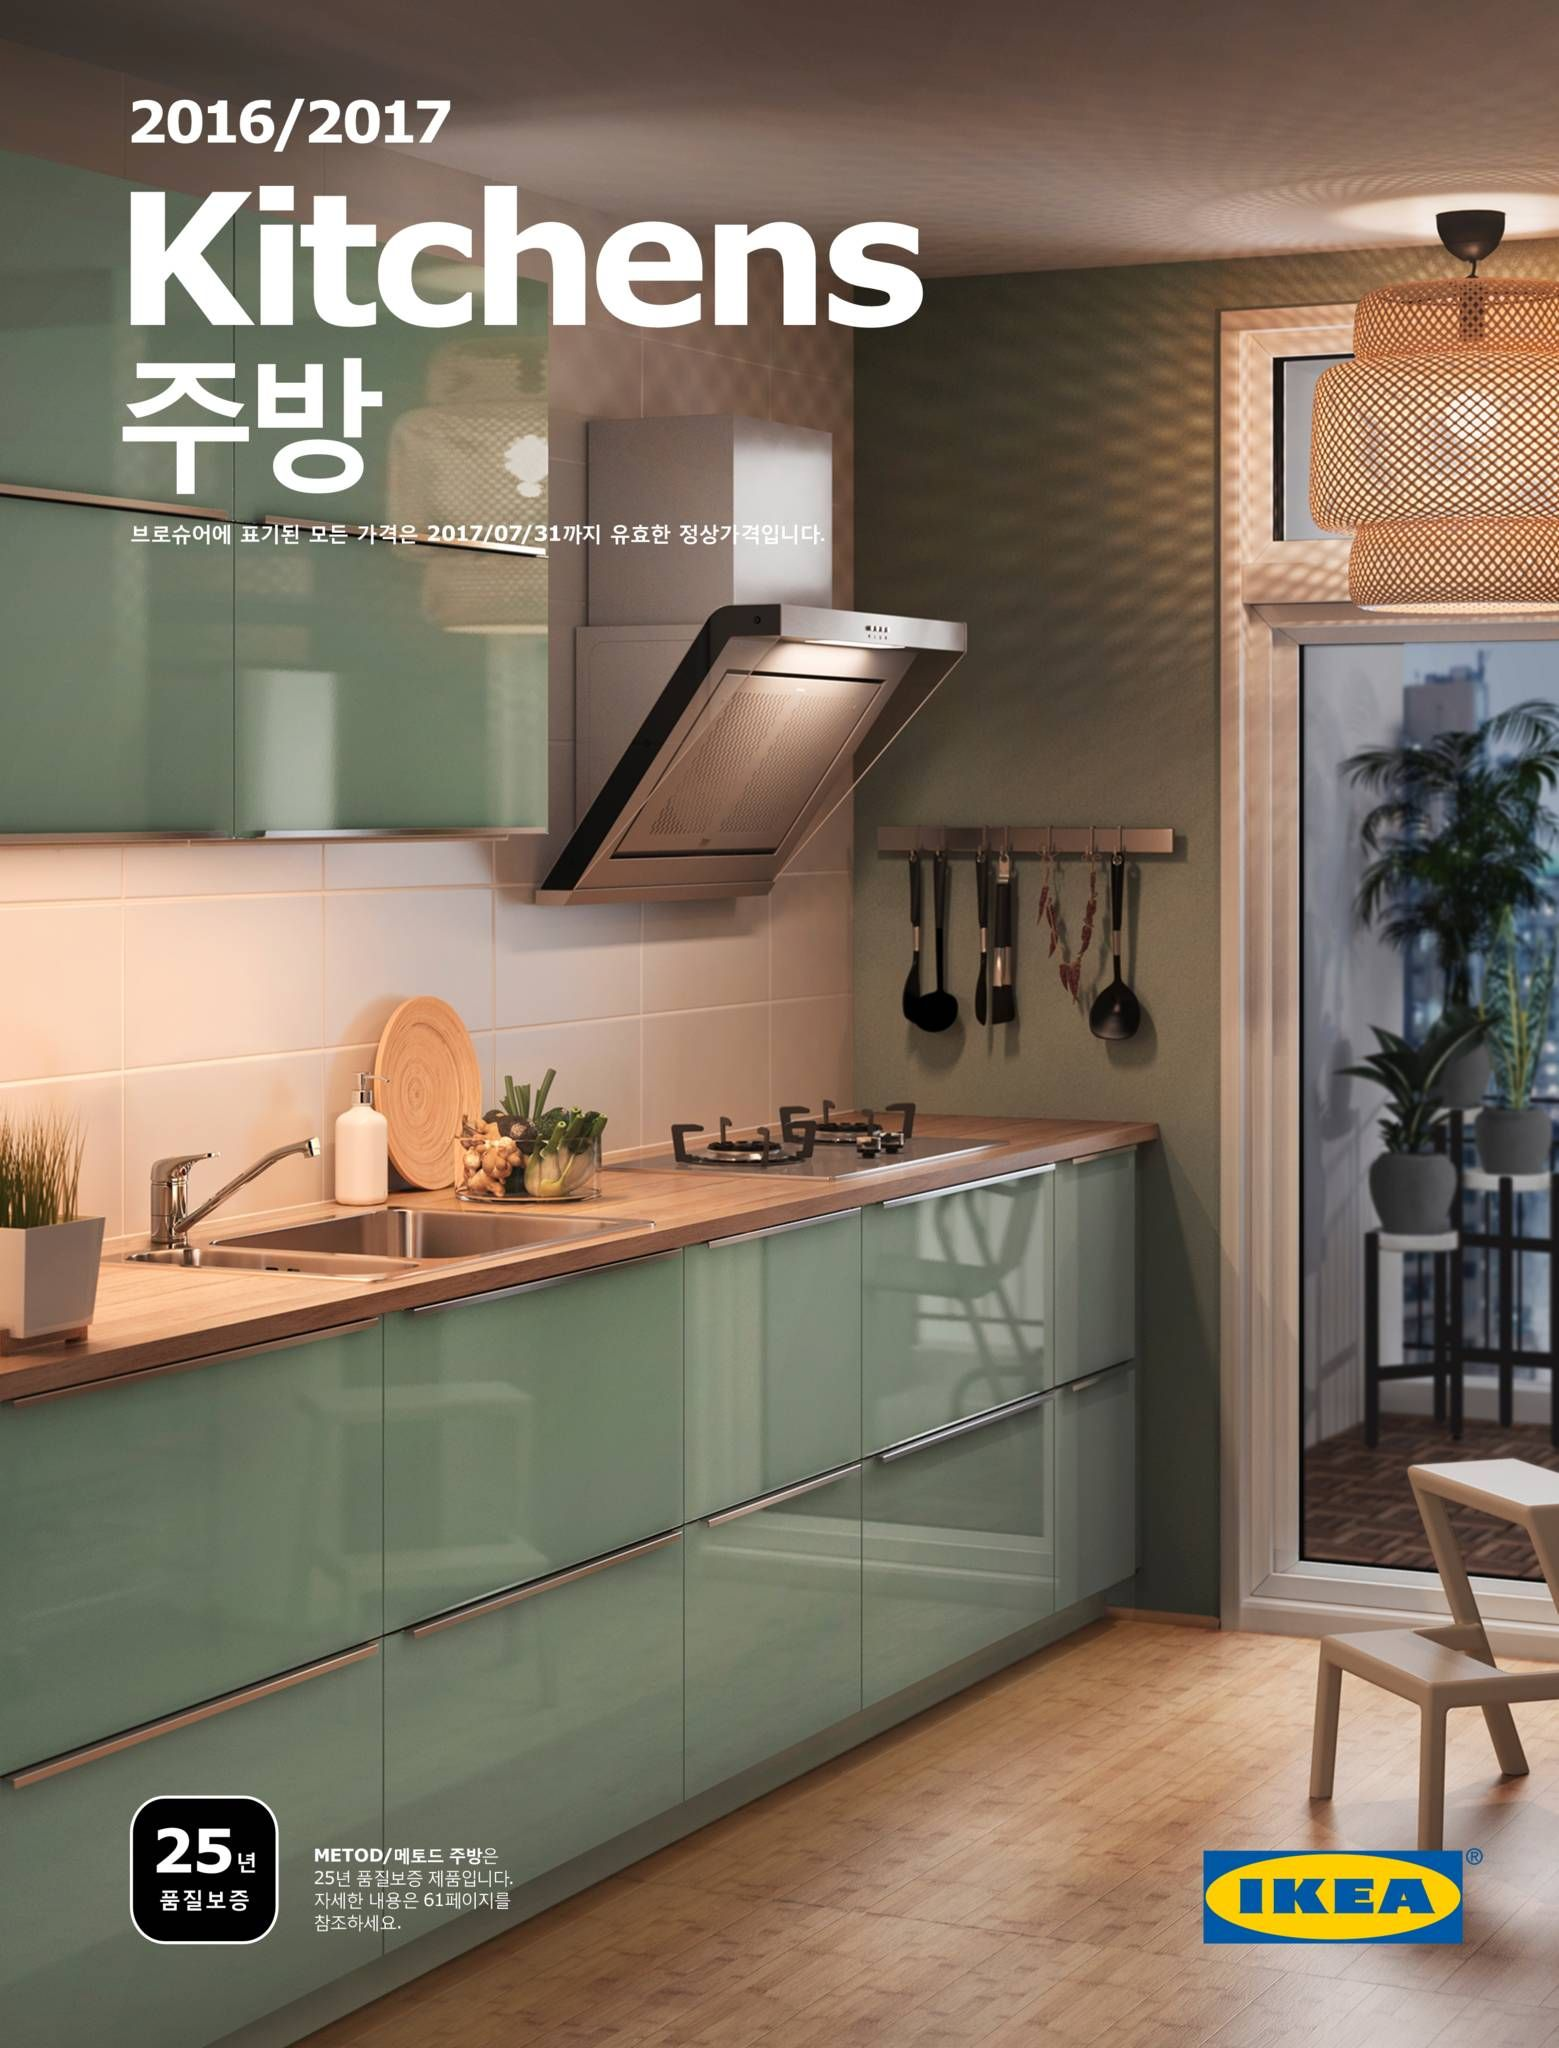 Pin von X auf Kitchen ideas | Pinterest | Küche